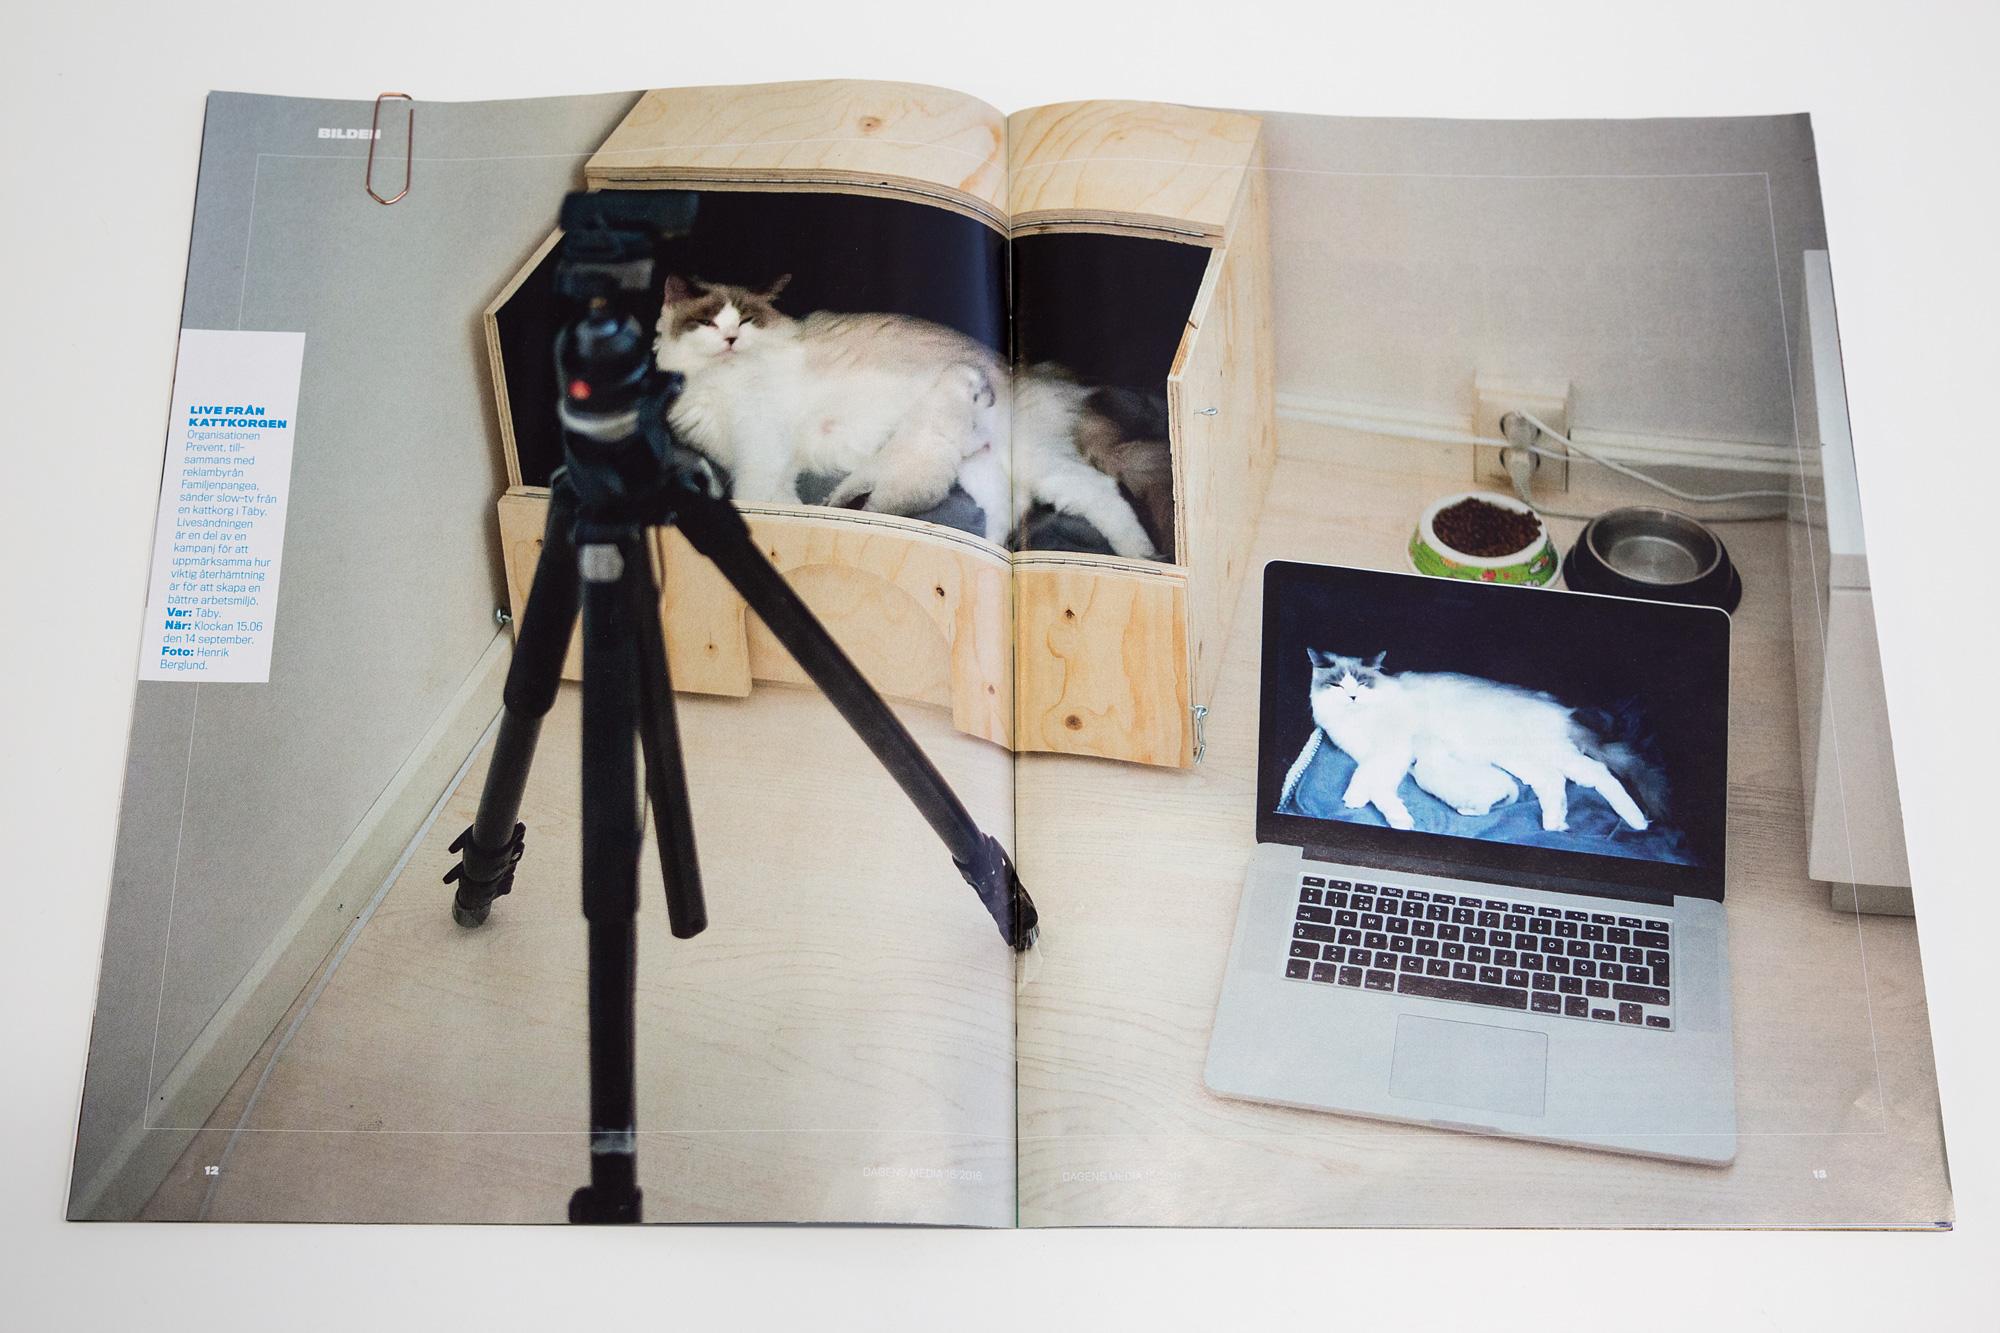 Slow-tv! Återhämtning med hjälp av avstressande kattunge. Kampanj för  Prevent . Bild från reportage i Dagens media.